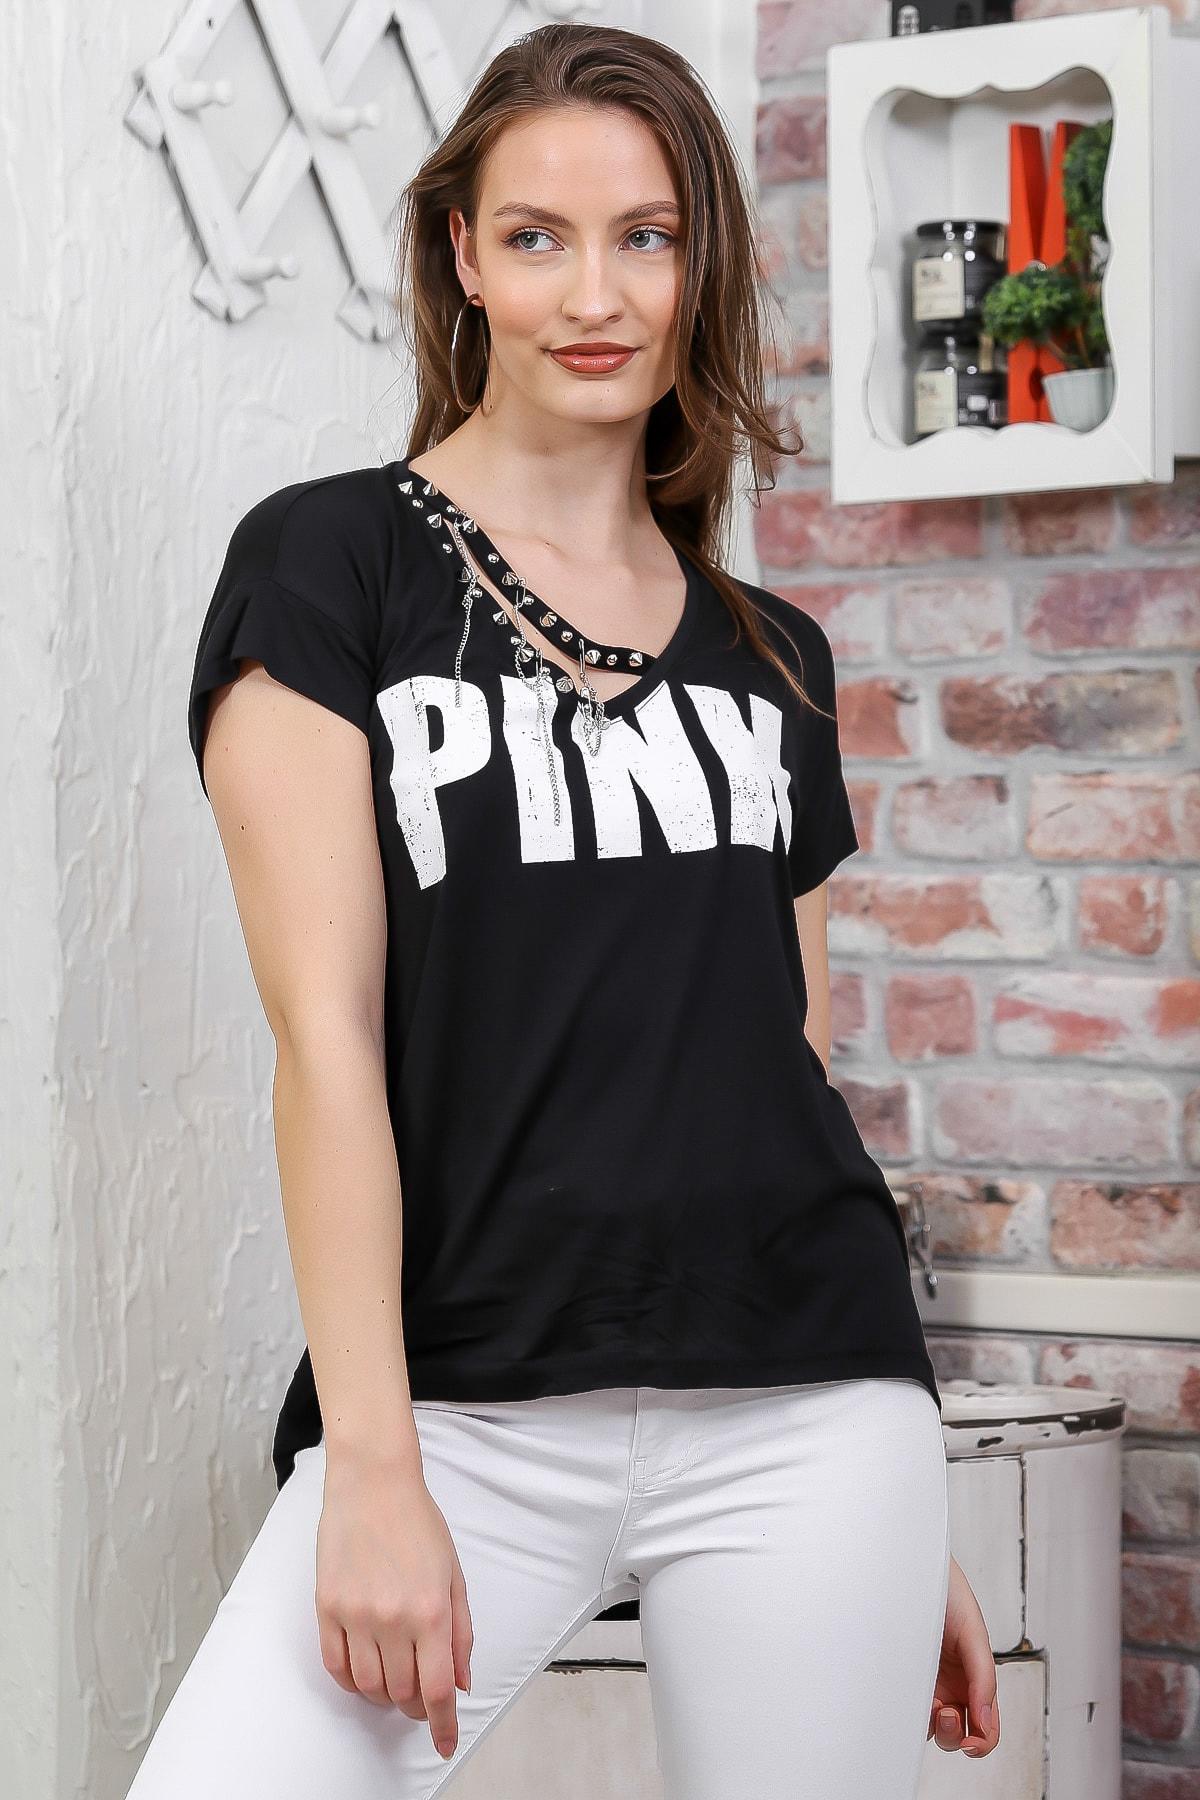 Chiccy Kadın Siyah V Yaka Pınk Baskılı Zincir Detaylı T-Shirt M10010300TS98280 2